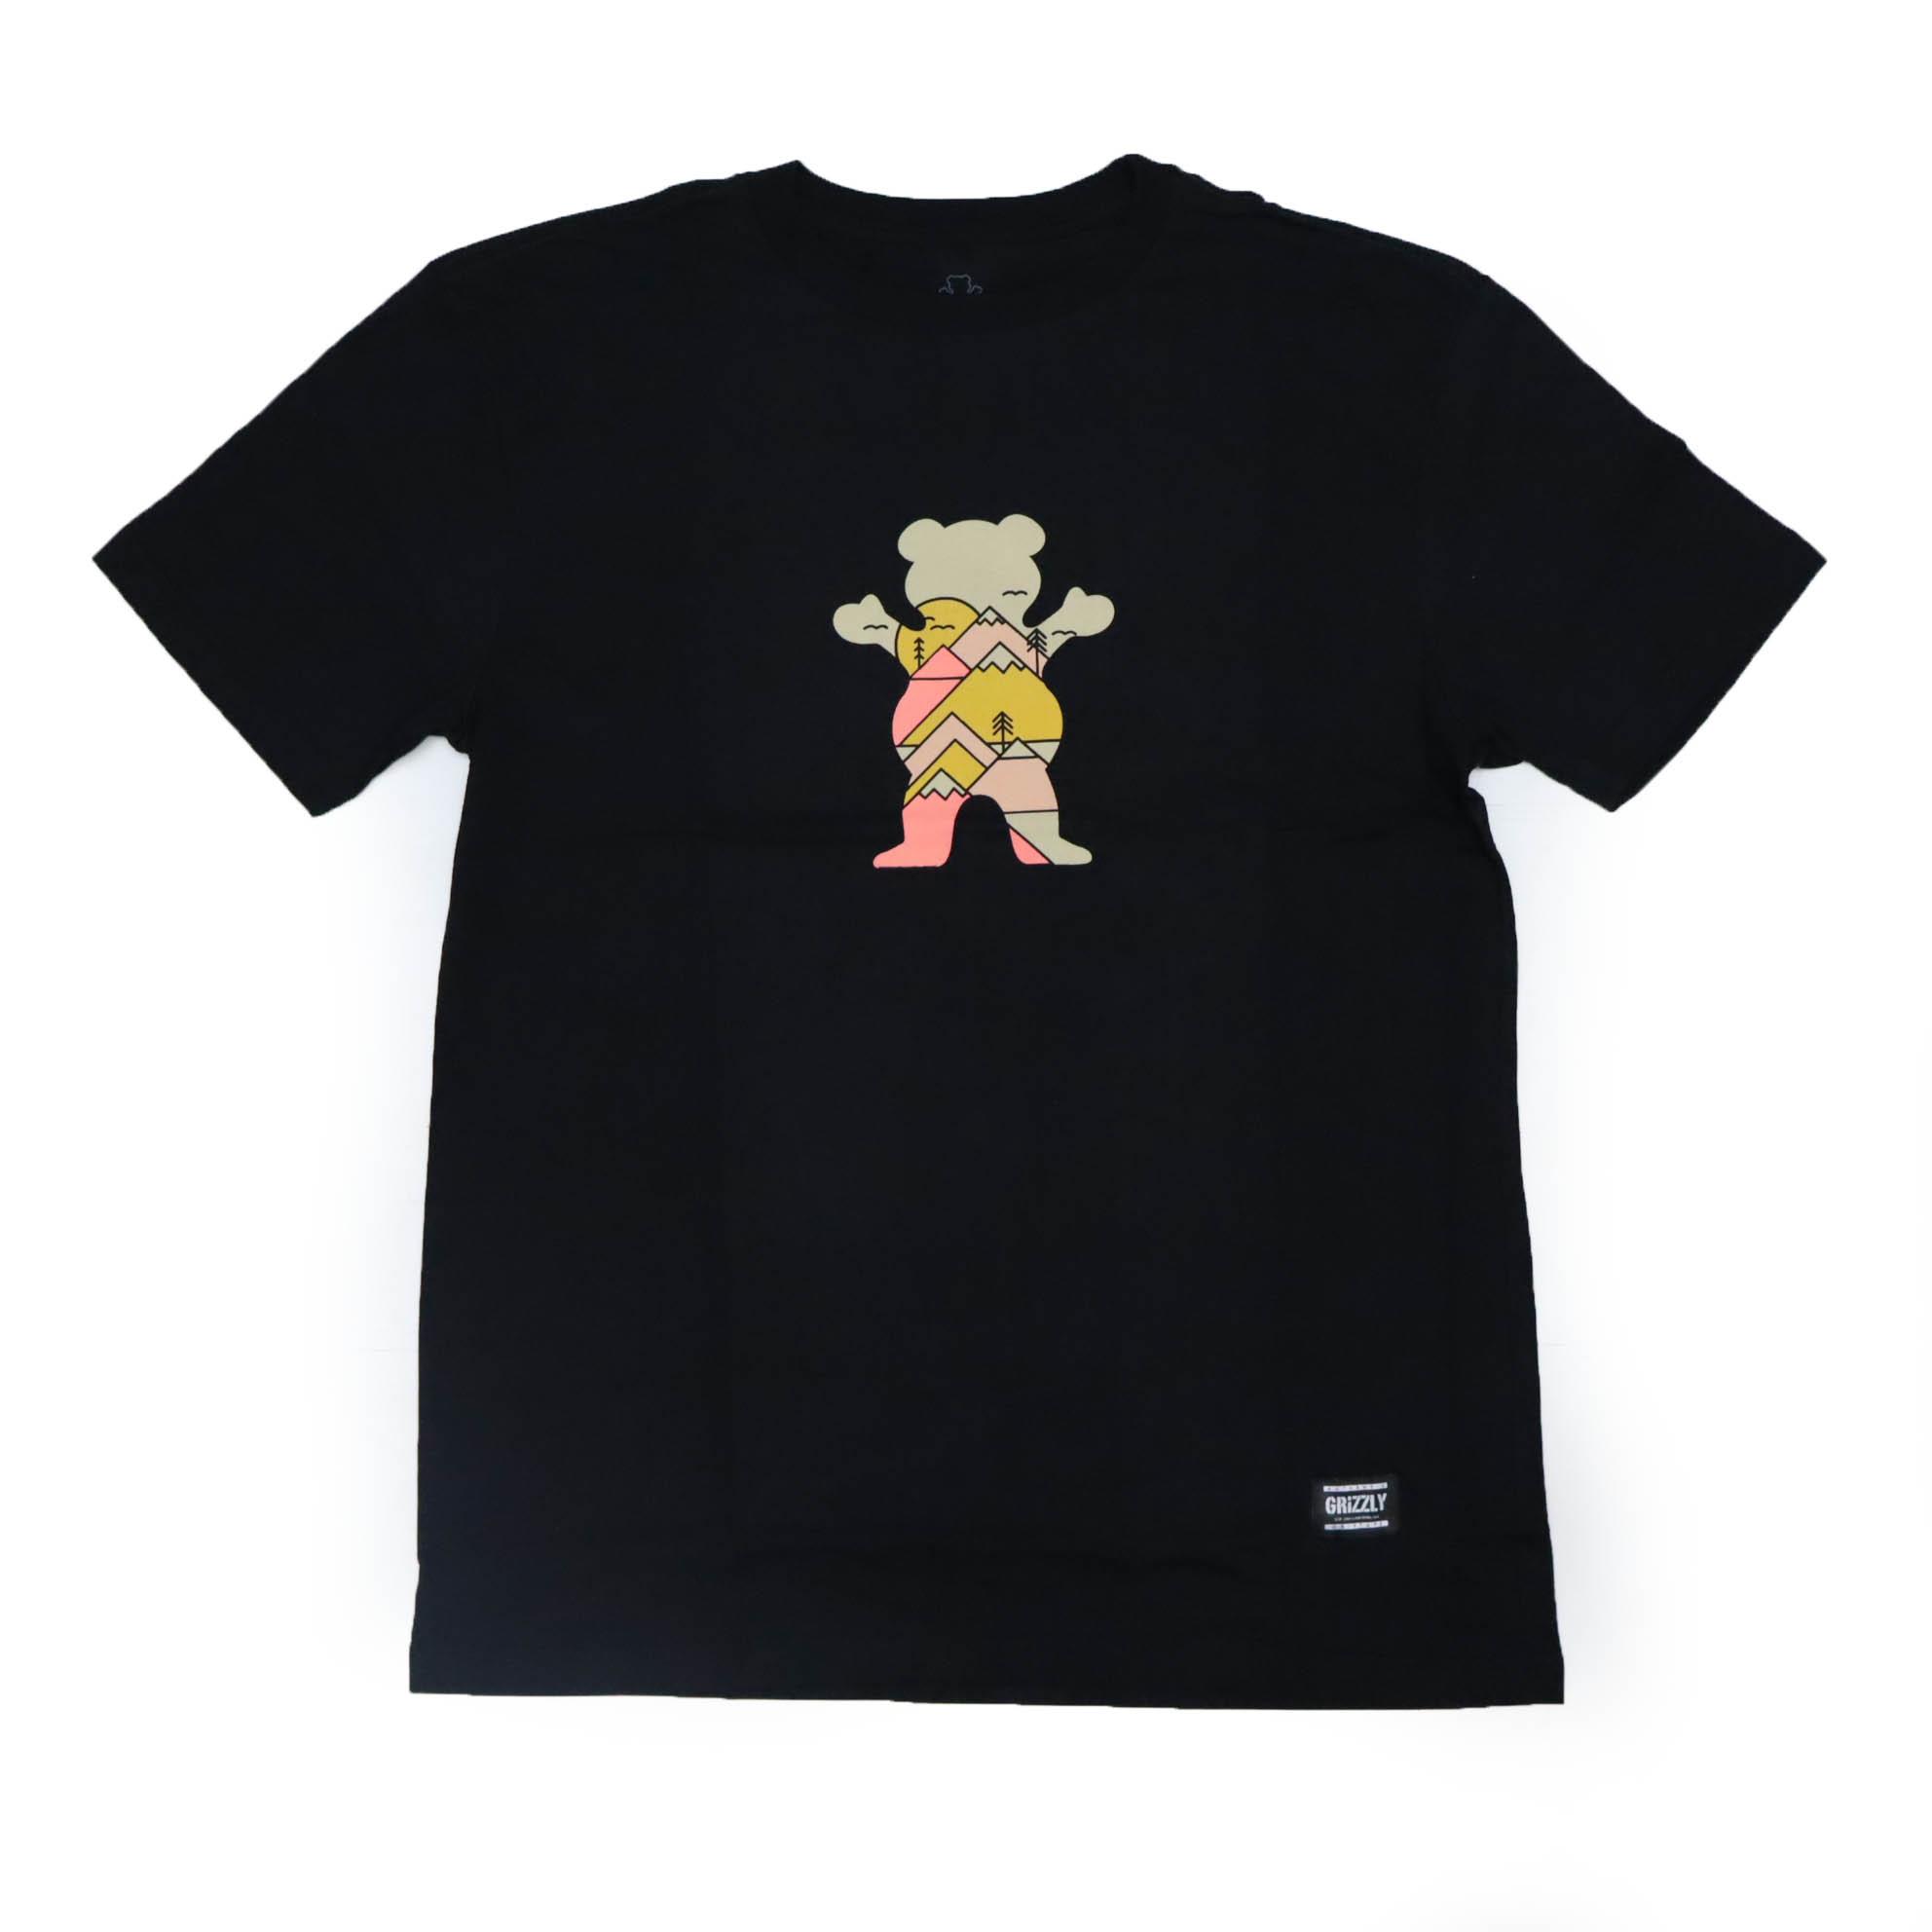 Camiseta Grizzly Mountain Belt - Preto